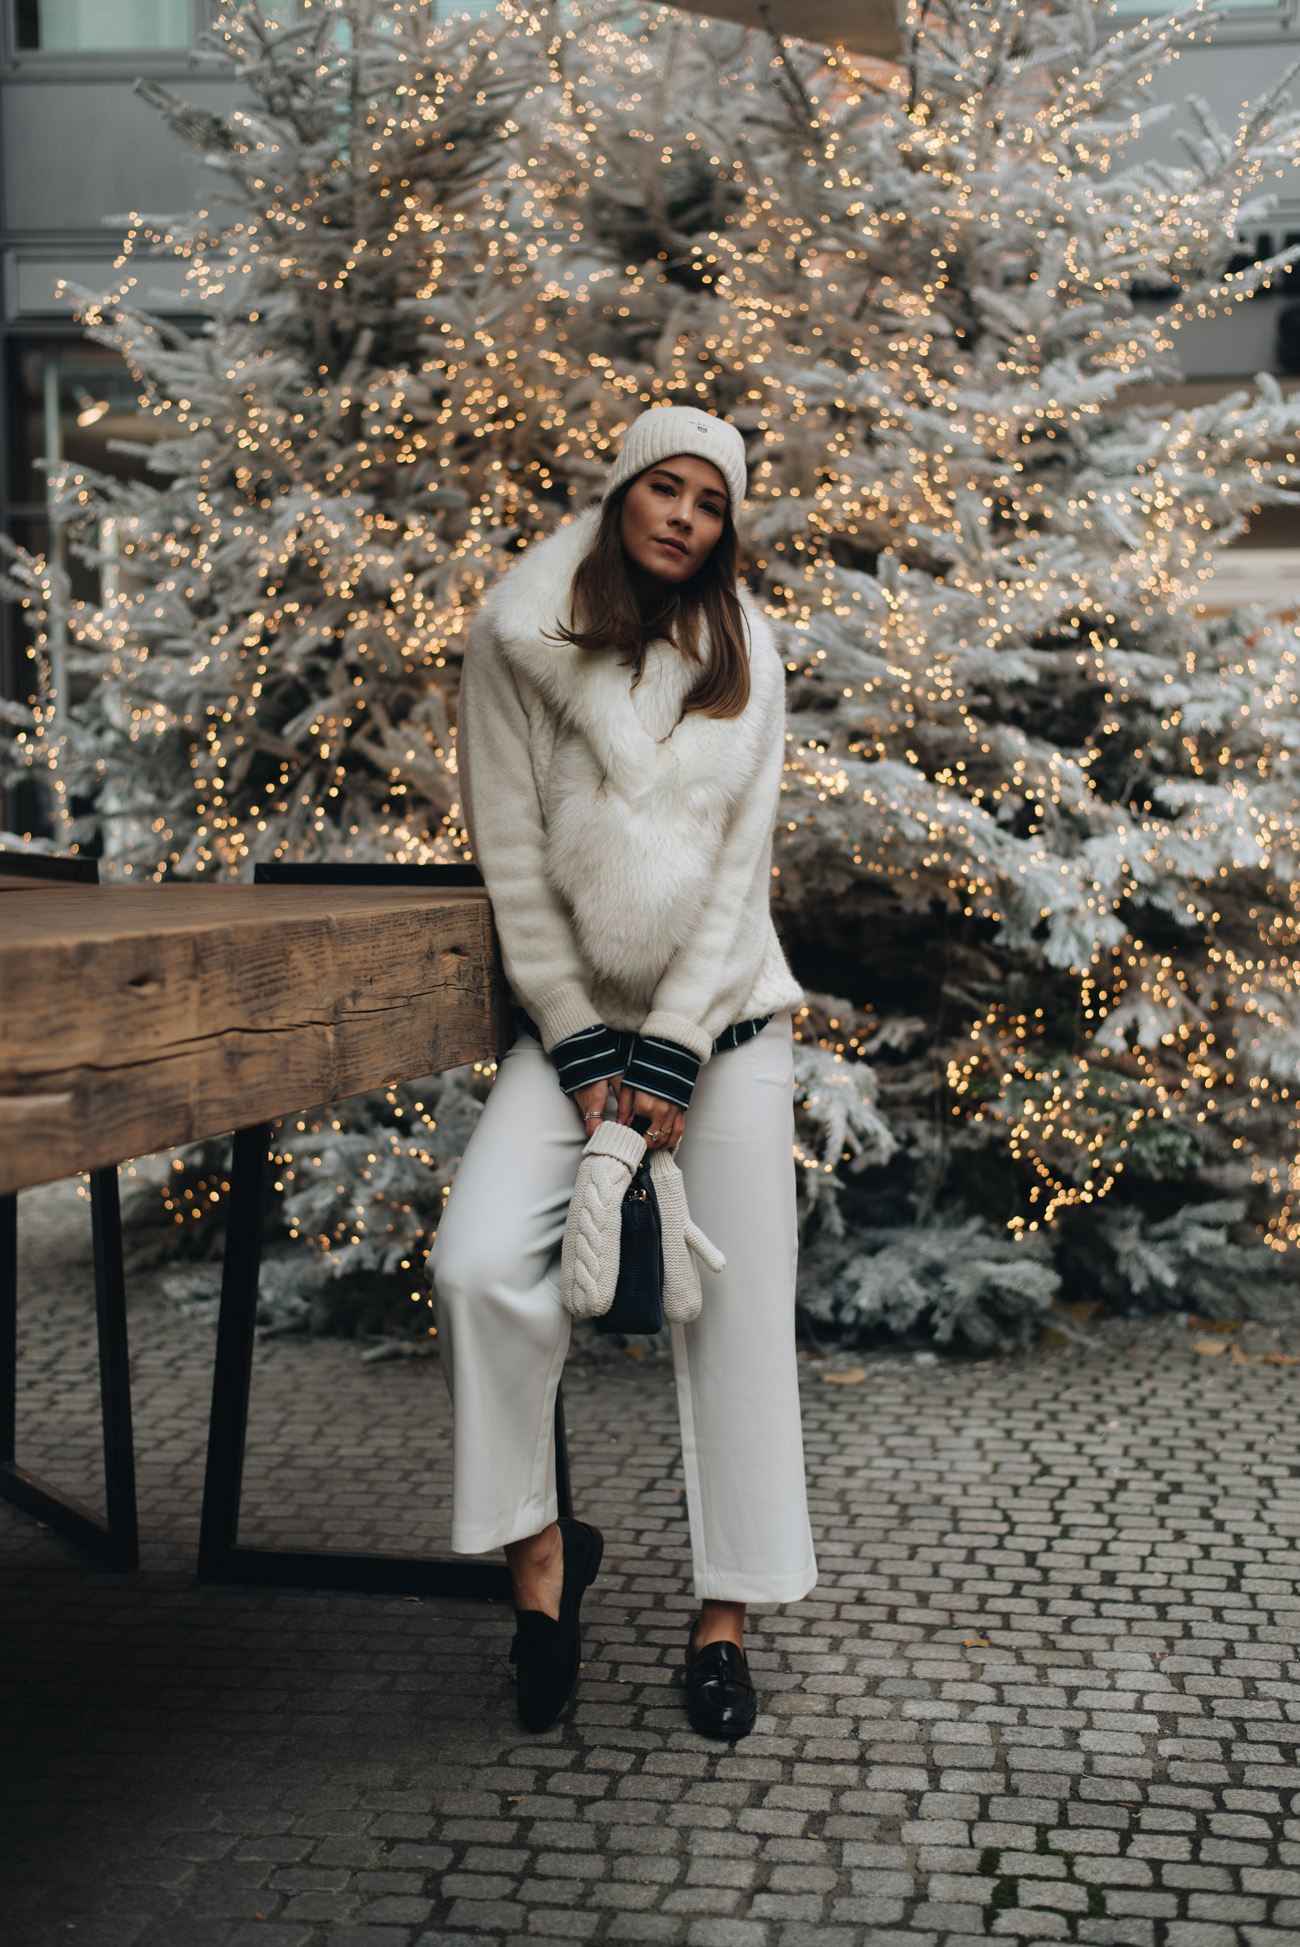 Warme-gemütliche-Winter-Pullover-Wolle-Strick-Mohair-Gant-weiß-im-winter-tragen-fashiioncarpet-nina-schwichtenberg